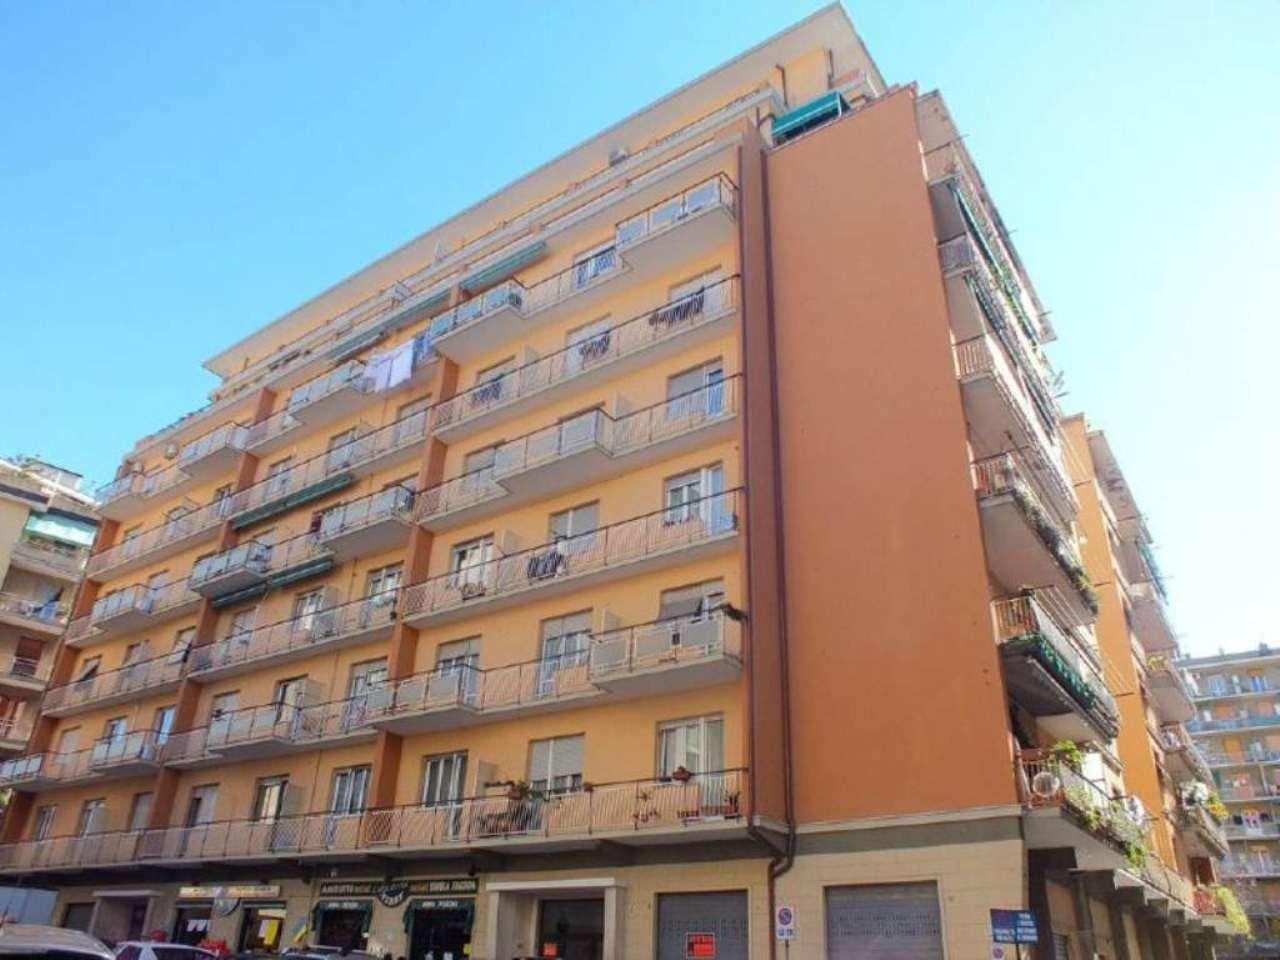 Appartamento in vendita a Genova, 5 locali, zona Zona: 13 . Sestri Ponente, Medio Ponente, prezzo € 149.000 | Cambio Casa.it